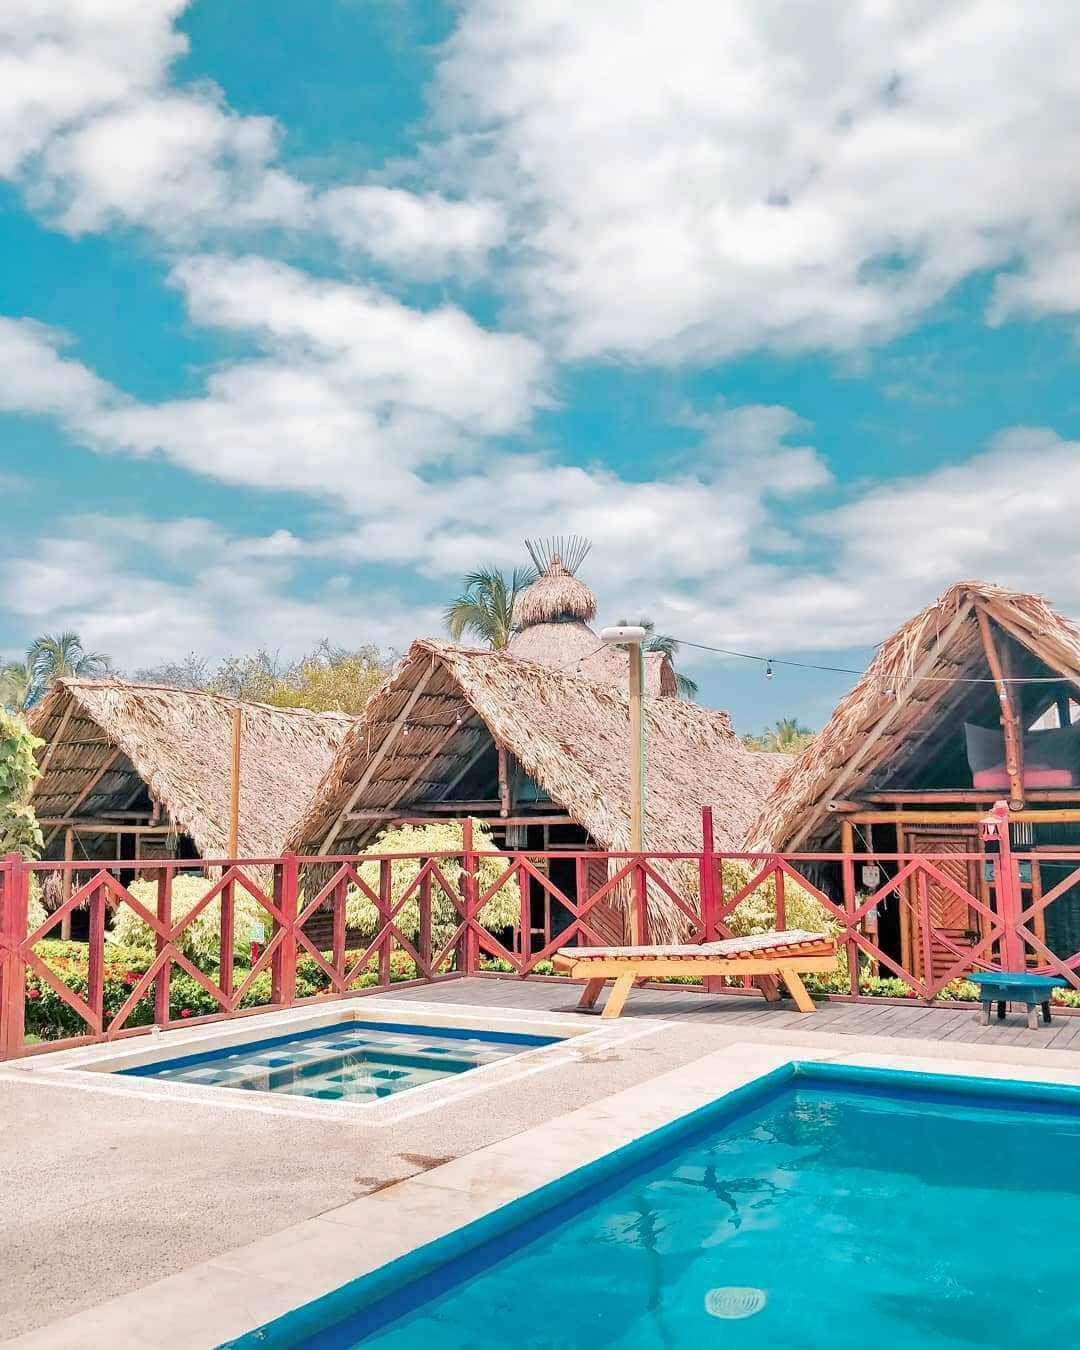 Hospedaje cerca a las playas del Caribe colombiano